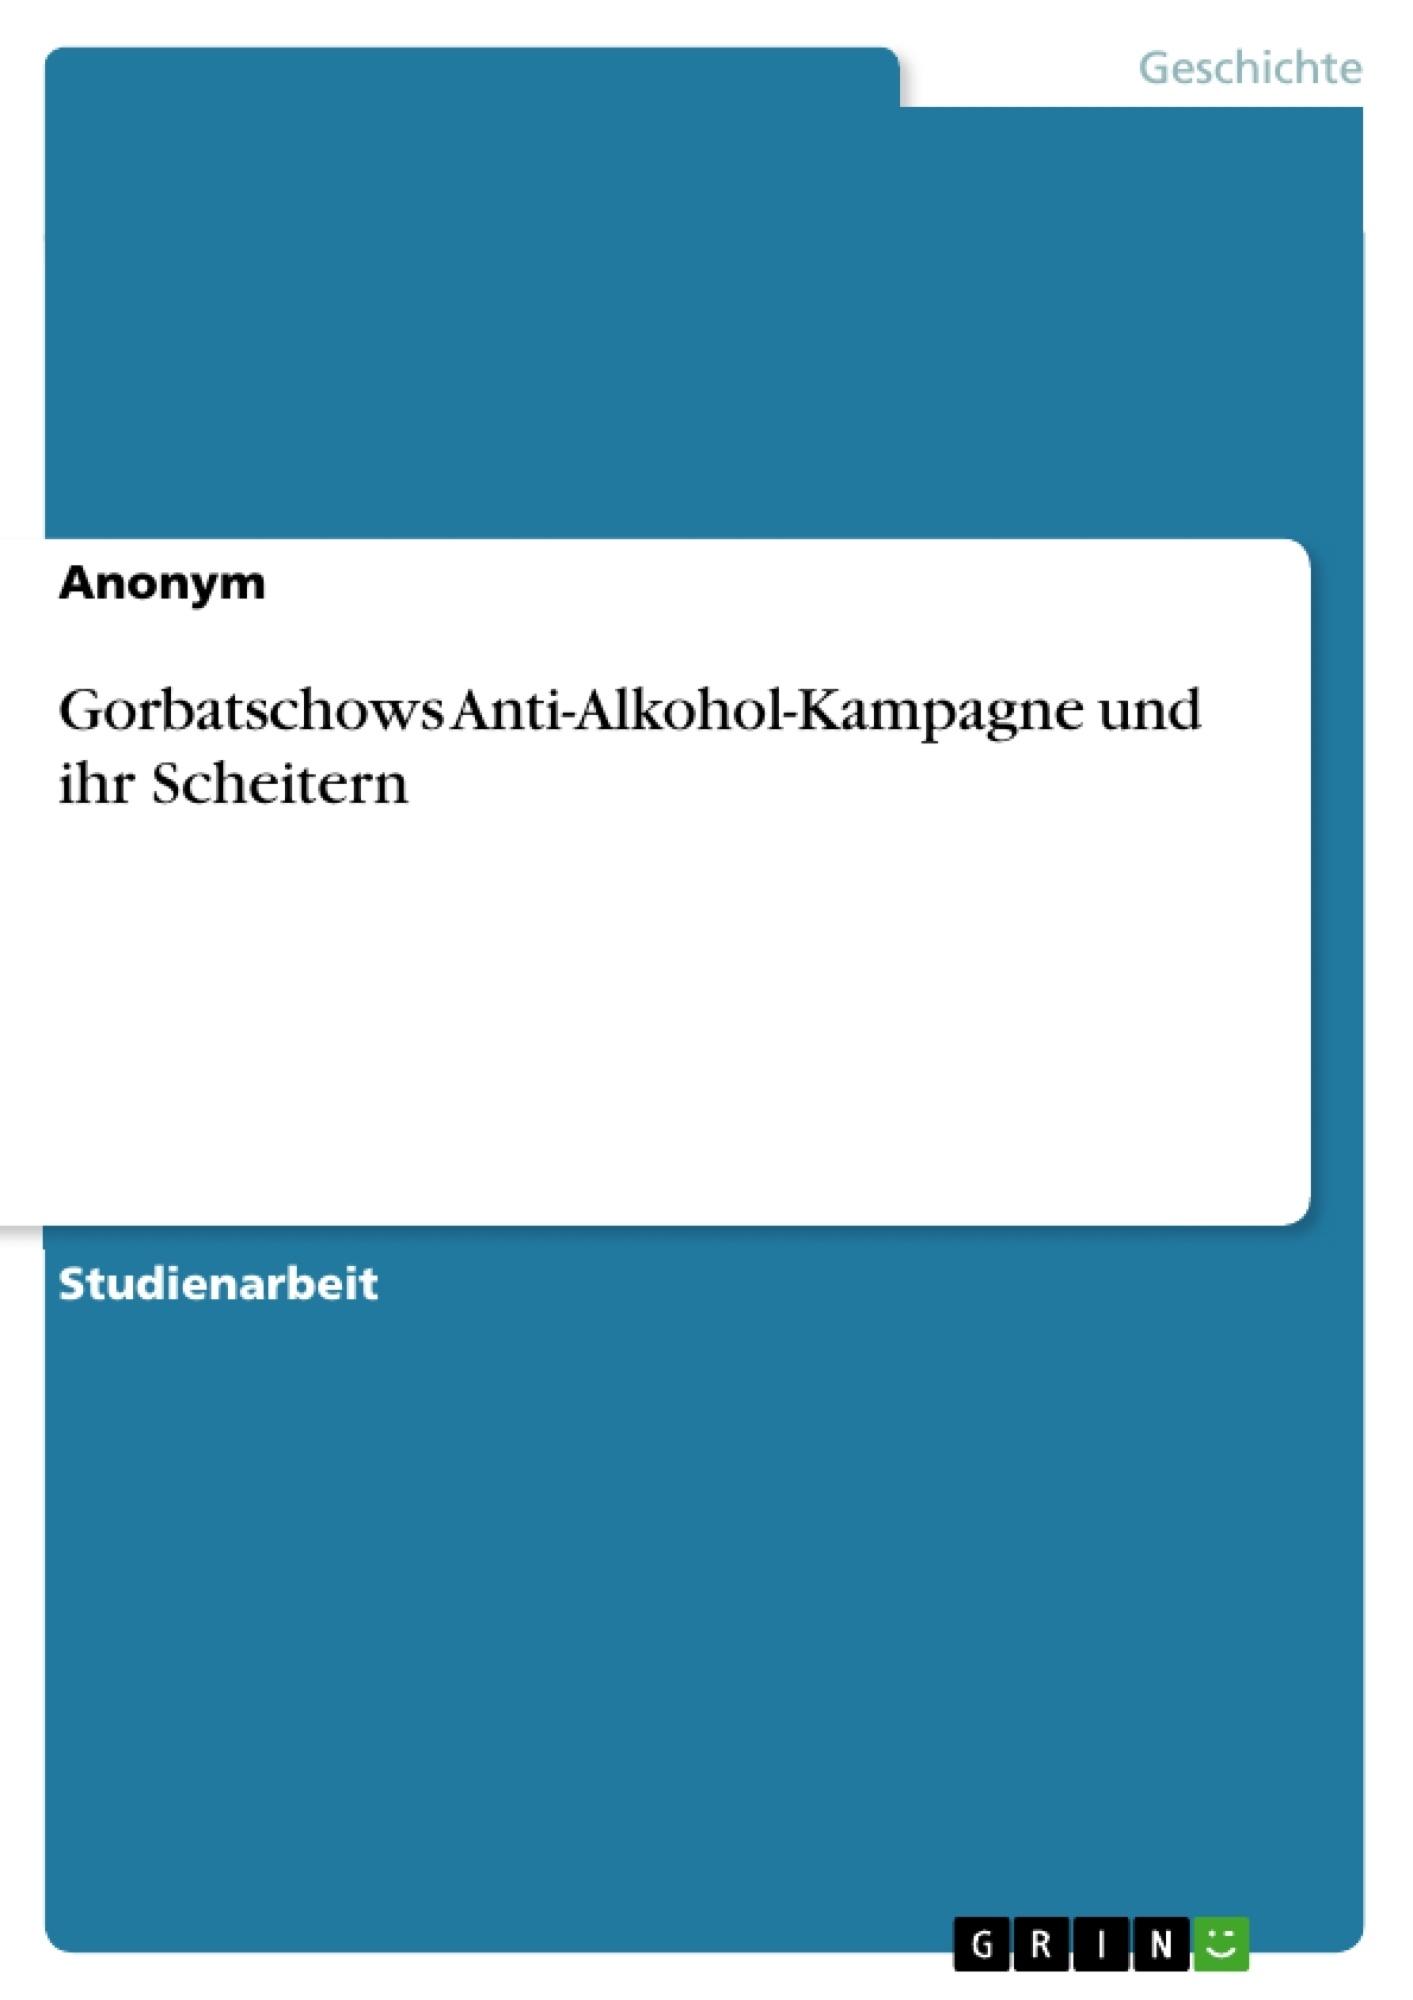 Titel: Gorbatschows Anti-Alkohol-Kampagne und ihr Scheitern